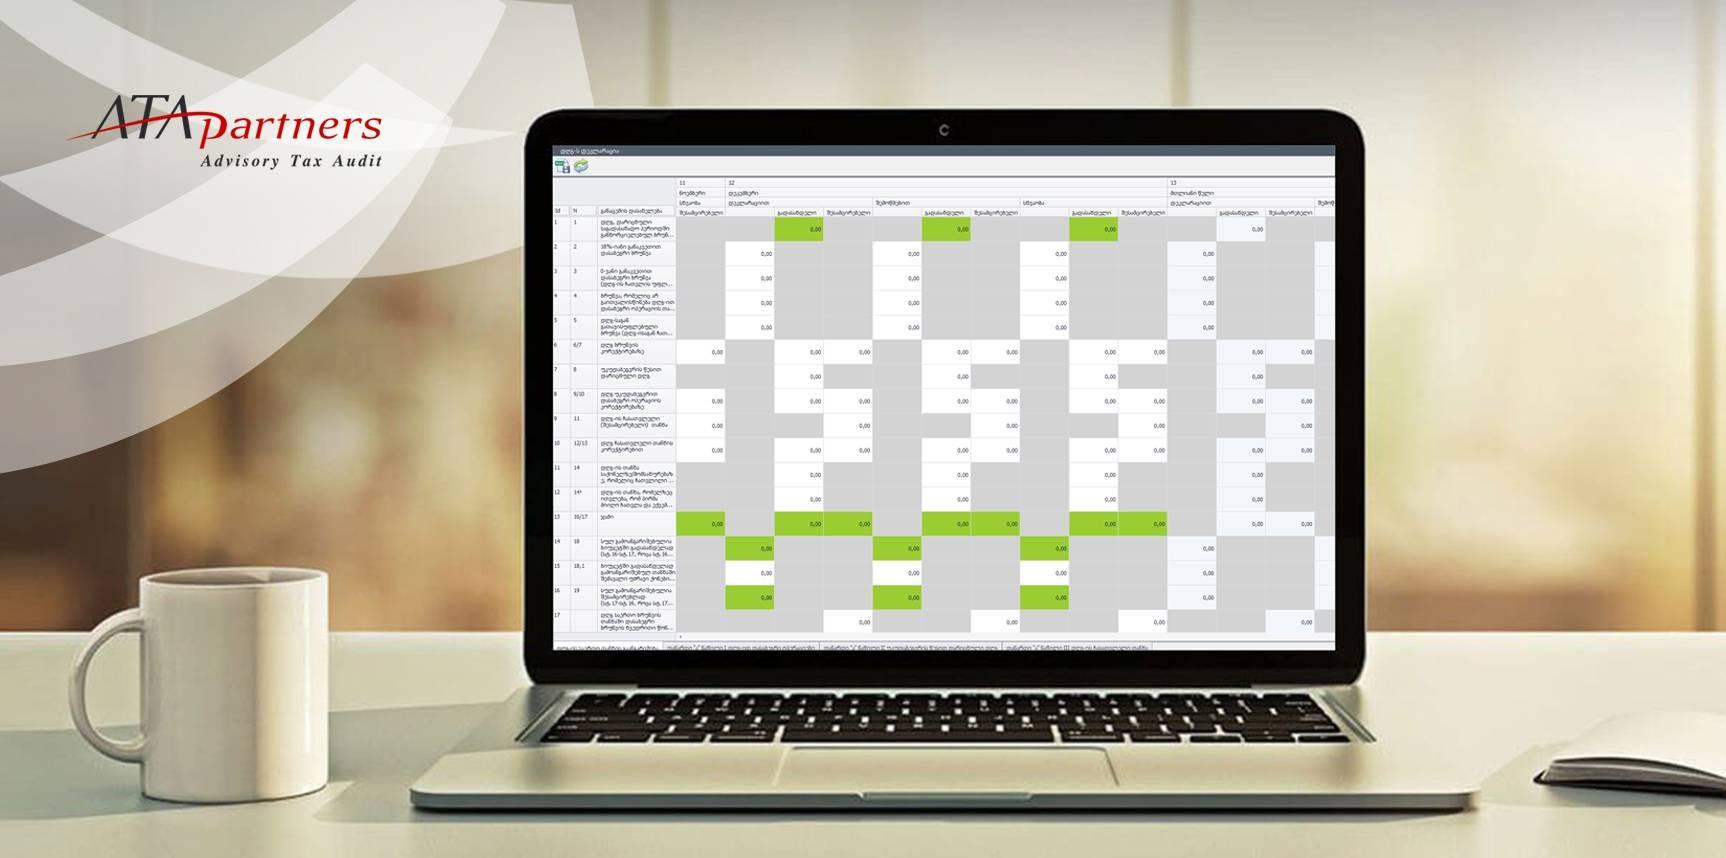 ATA Partners-ის ფინანსური ანალიზის საინფორმაციო სისტემის შექმნა